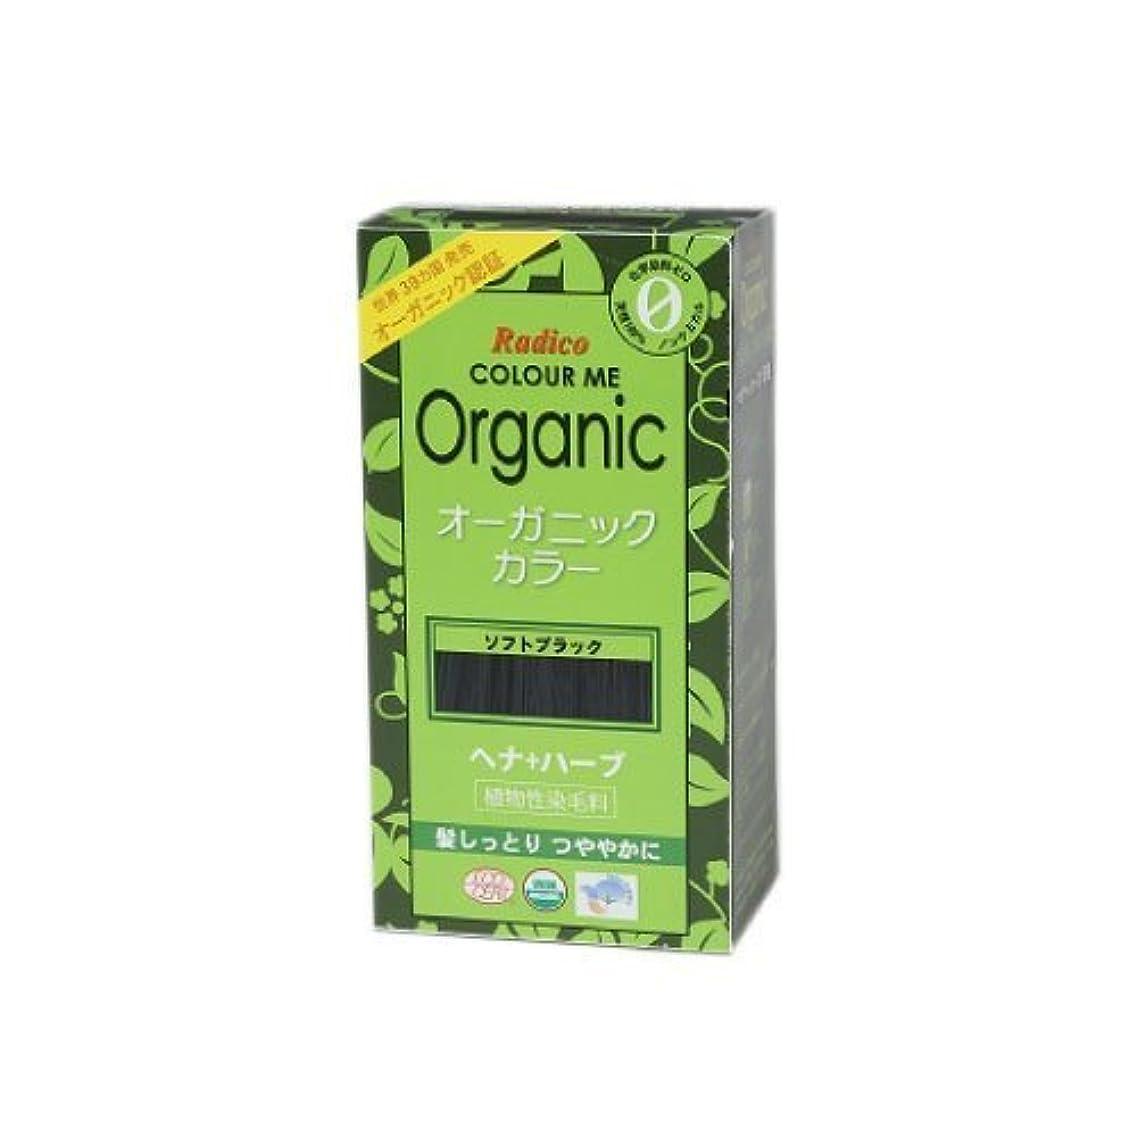 動物糞トライアスリートCOLOURME Organic (カラーミーオーガニック ヘナ 白髪用 髪色戻し) ソフトブラック 100g